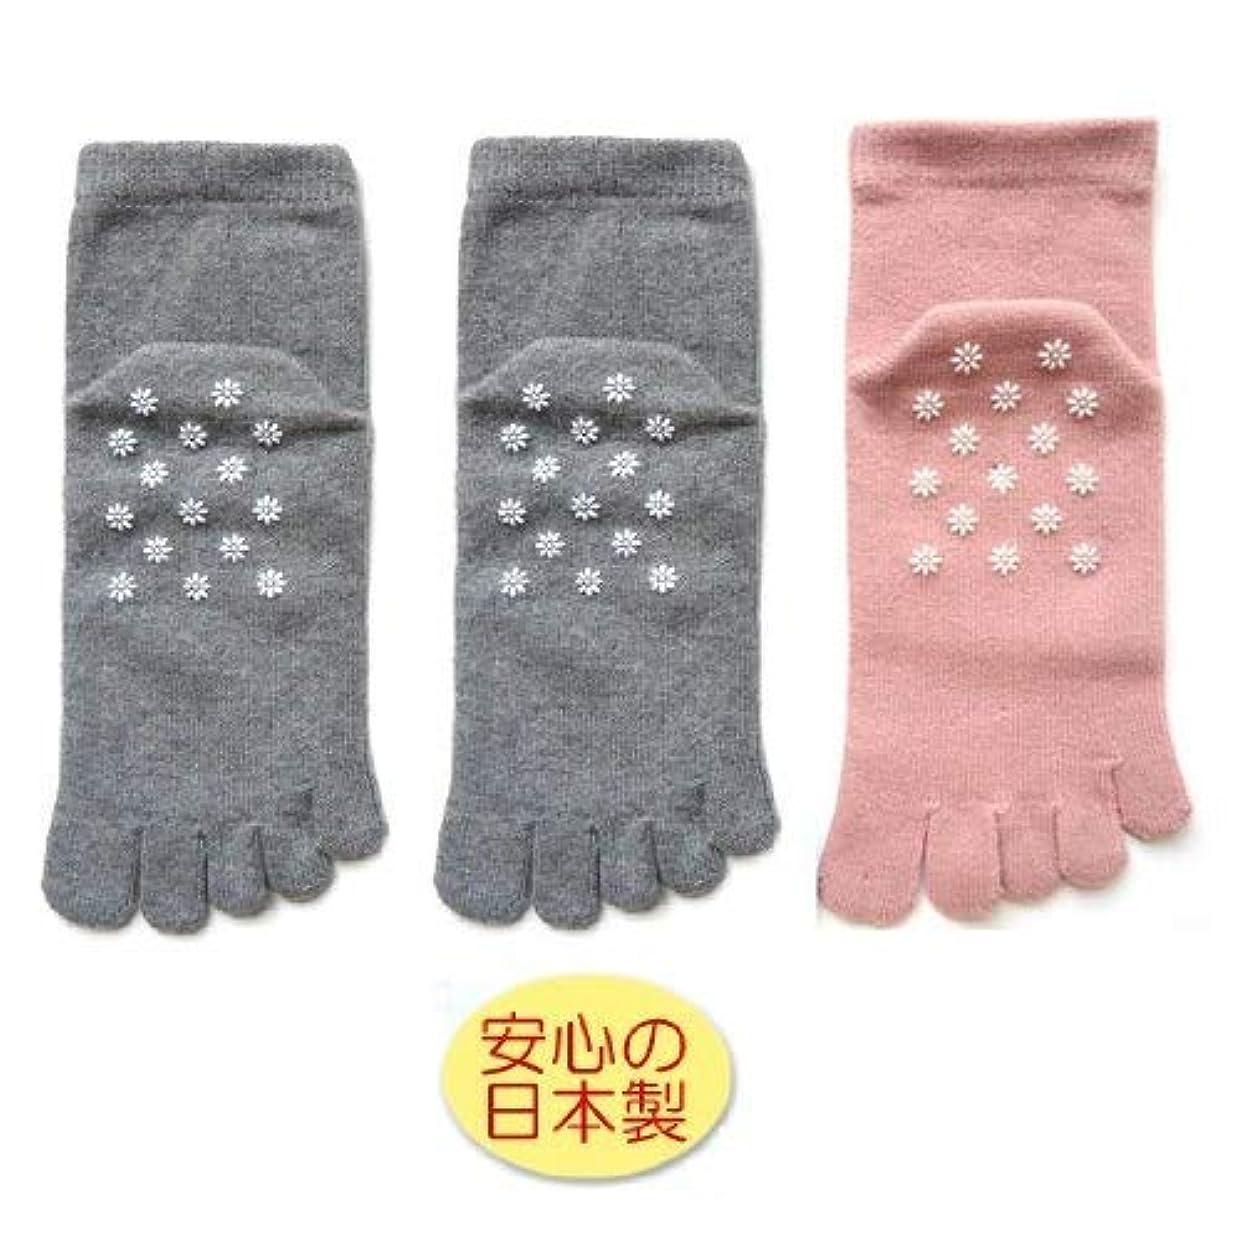 ふざけたマッシュどっちでも日本製 5本指ソックス 22~24cm すべり止め付 履き心地いい お買得3足組(色をお任せ)